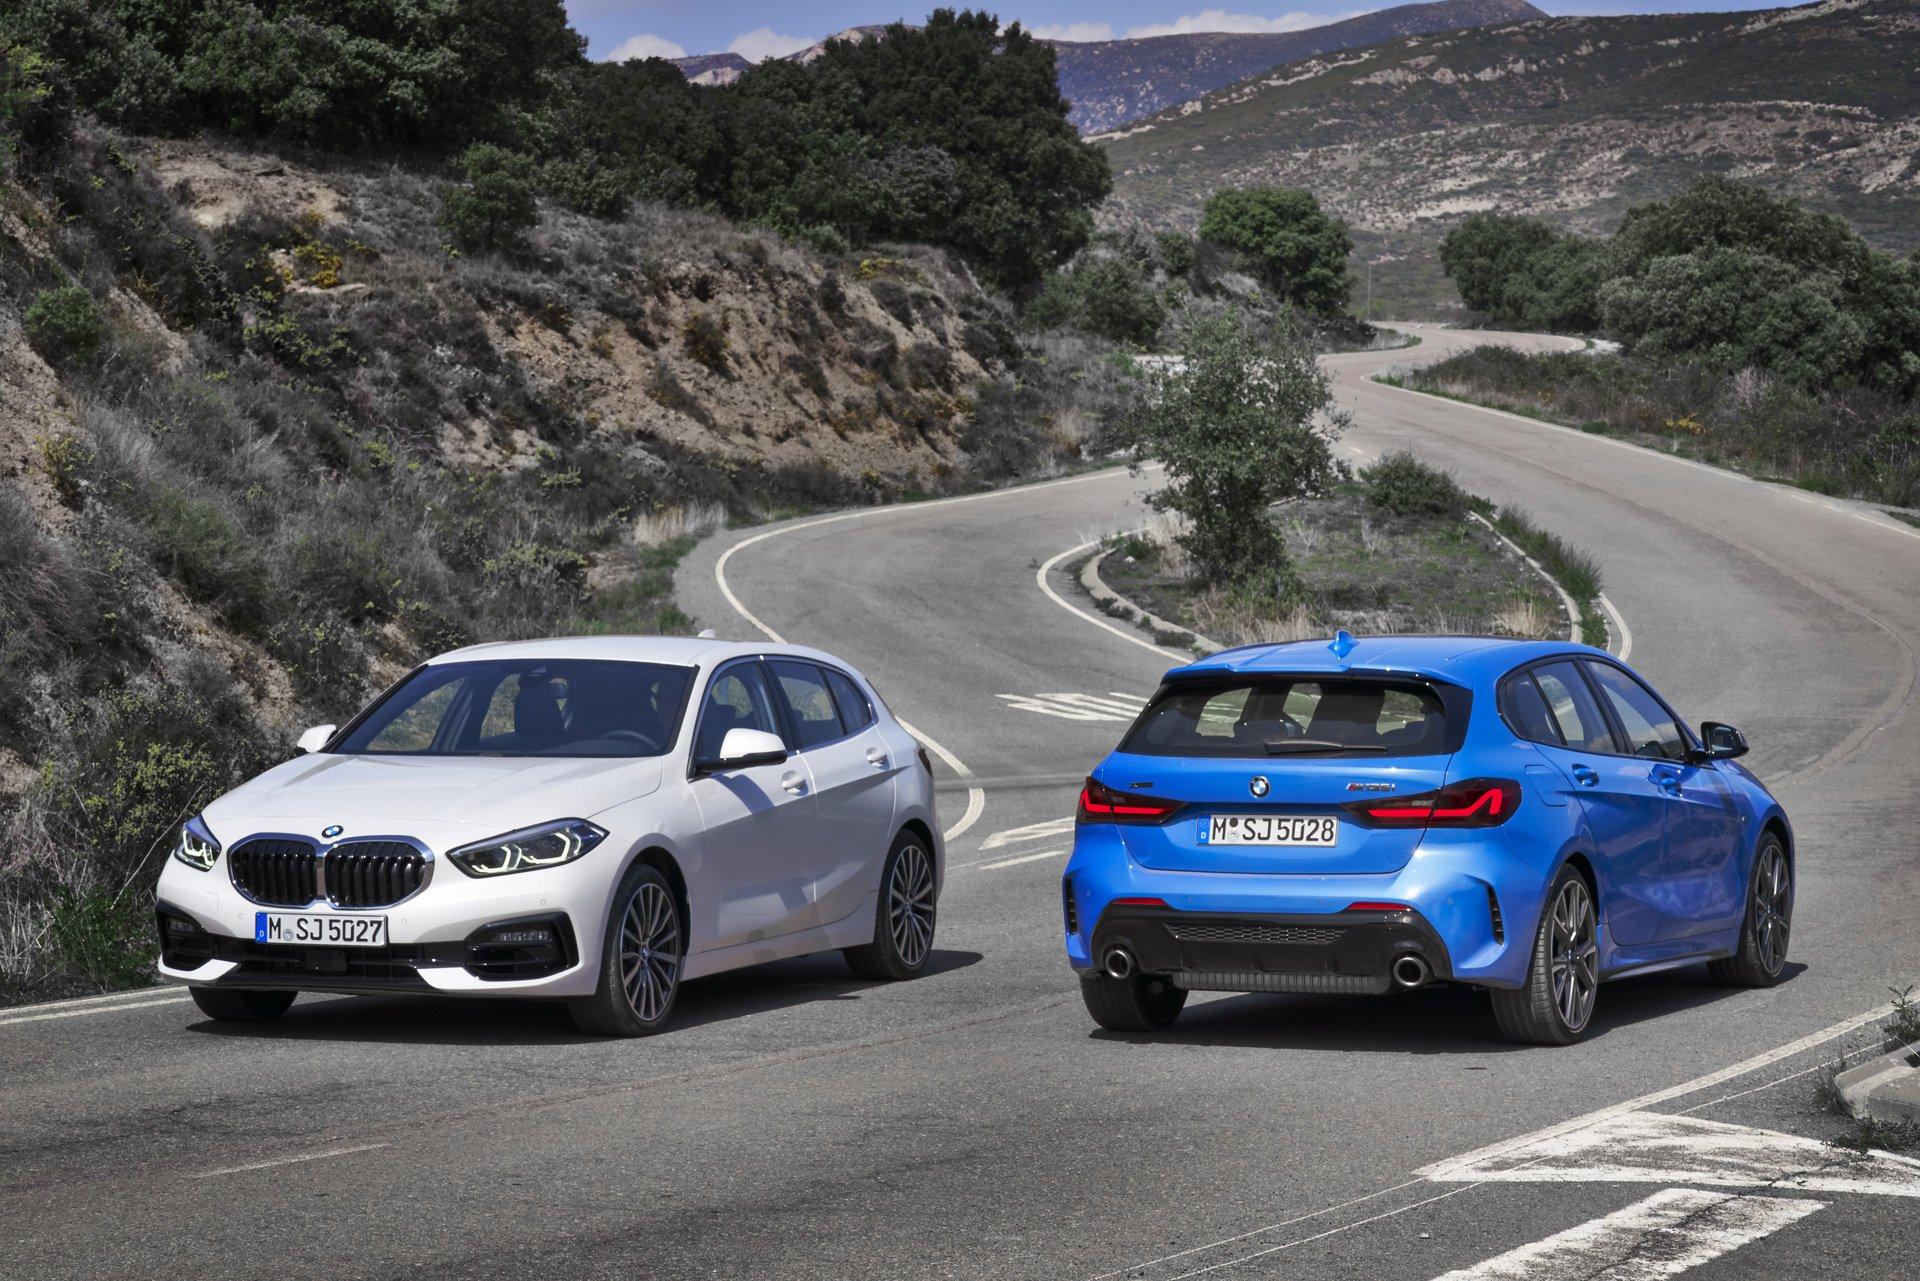 新型BMW1シリーズが解禁!エクステリアとインテリアを評価してみた件!